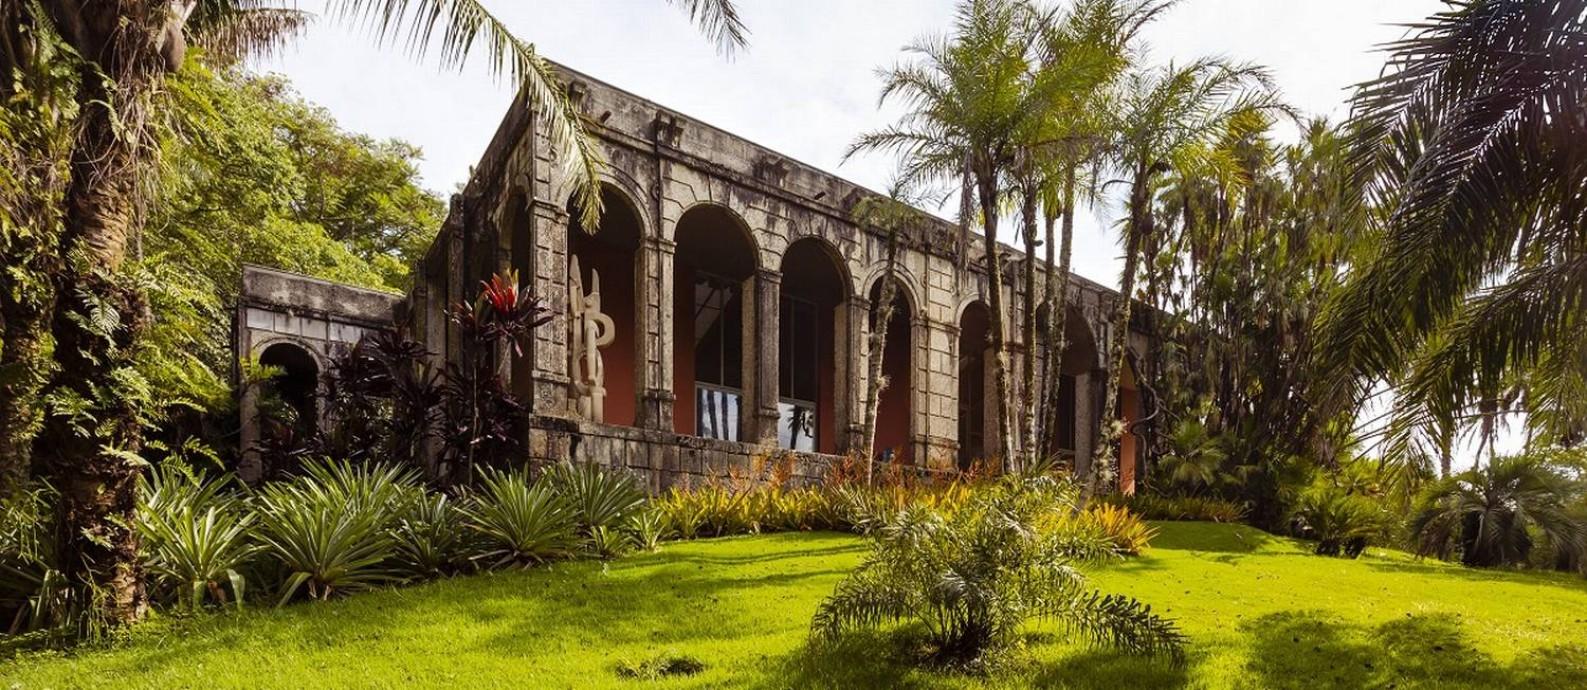 O ateliê principal, com sua bela fachada de pedra, é uma das imagens mais conhecidas do Sítio Roberto Burle Marx, no Rio Foto: Leo Martins / Agência O Globo